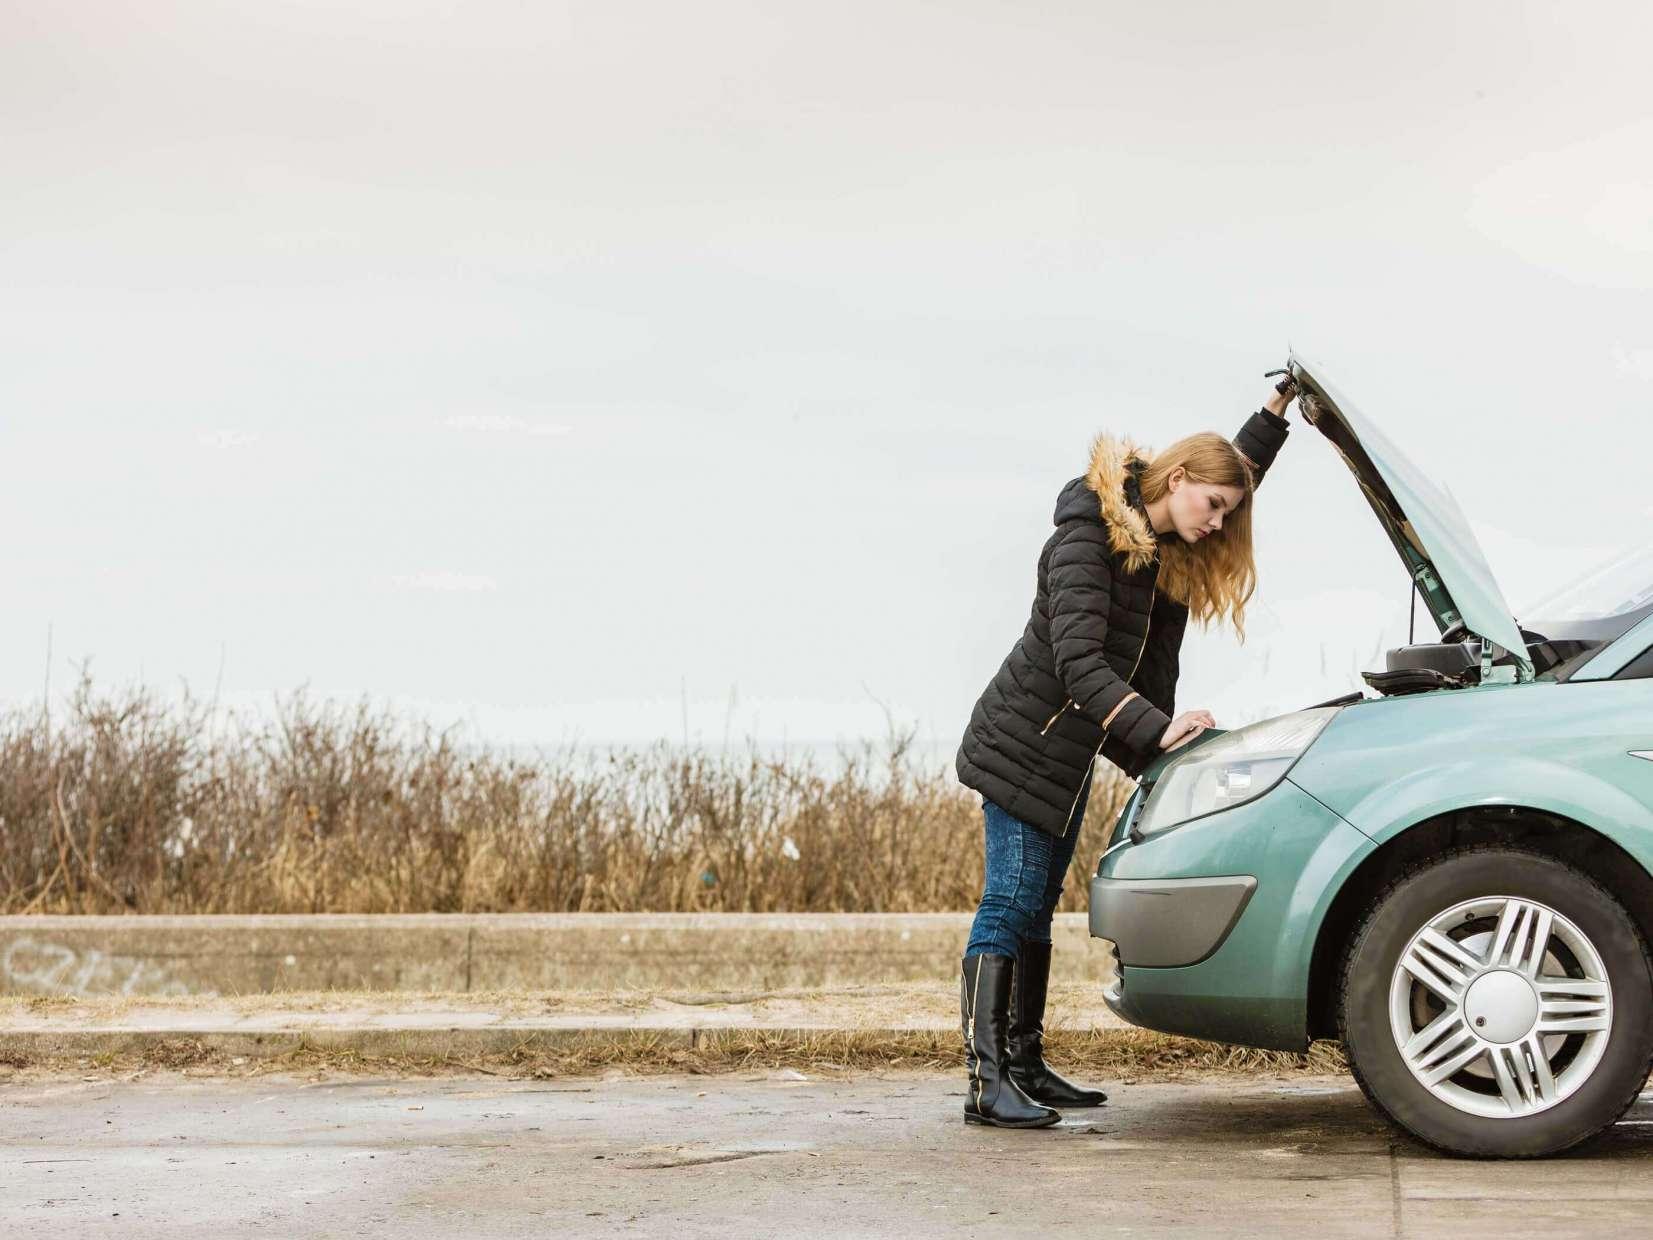 Imagem para ilustrar o texto sobre carro no inverno